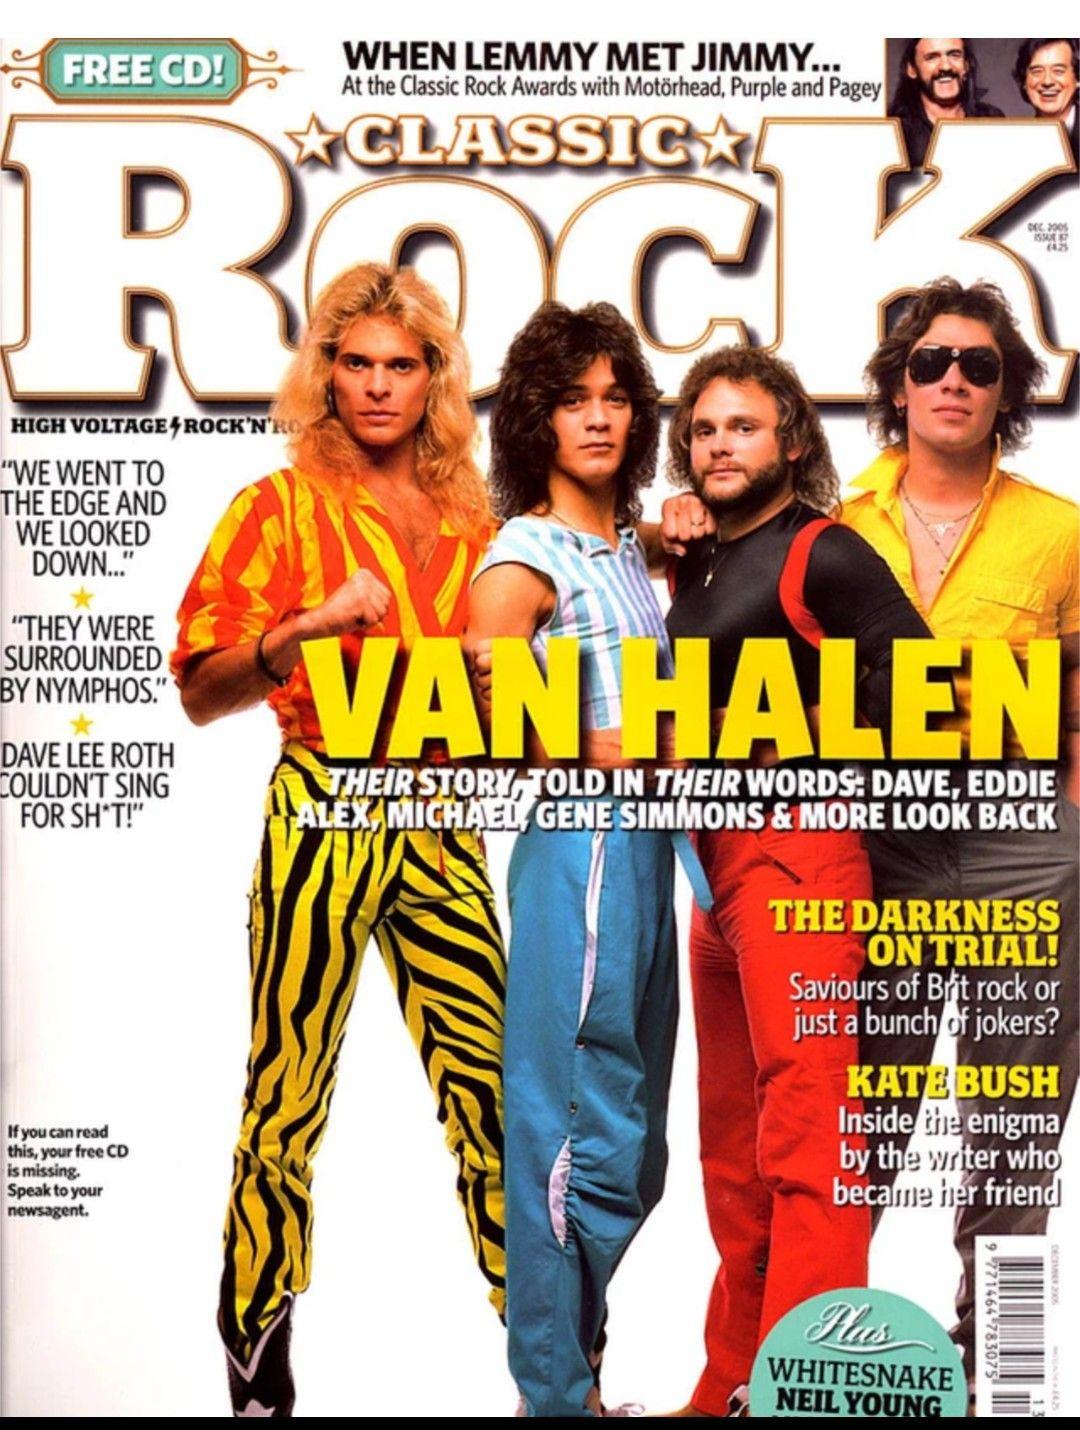 Pin By Annika Kolean On Van Halen The Mighty In 2020 Van Halen Eddie Van Halen Music Pics